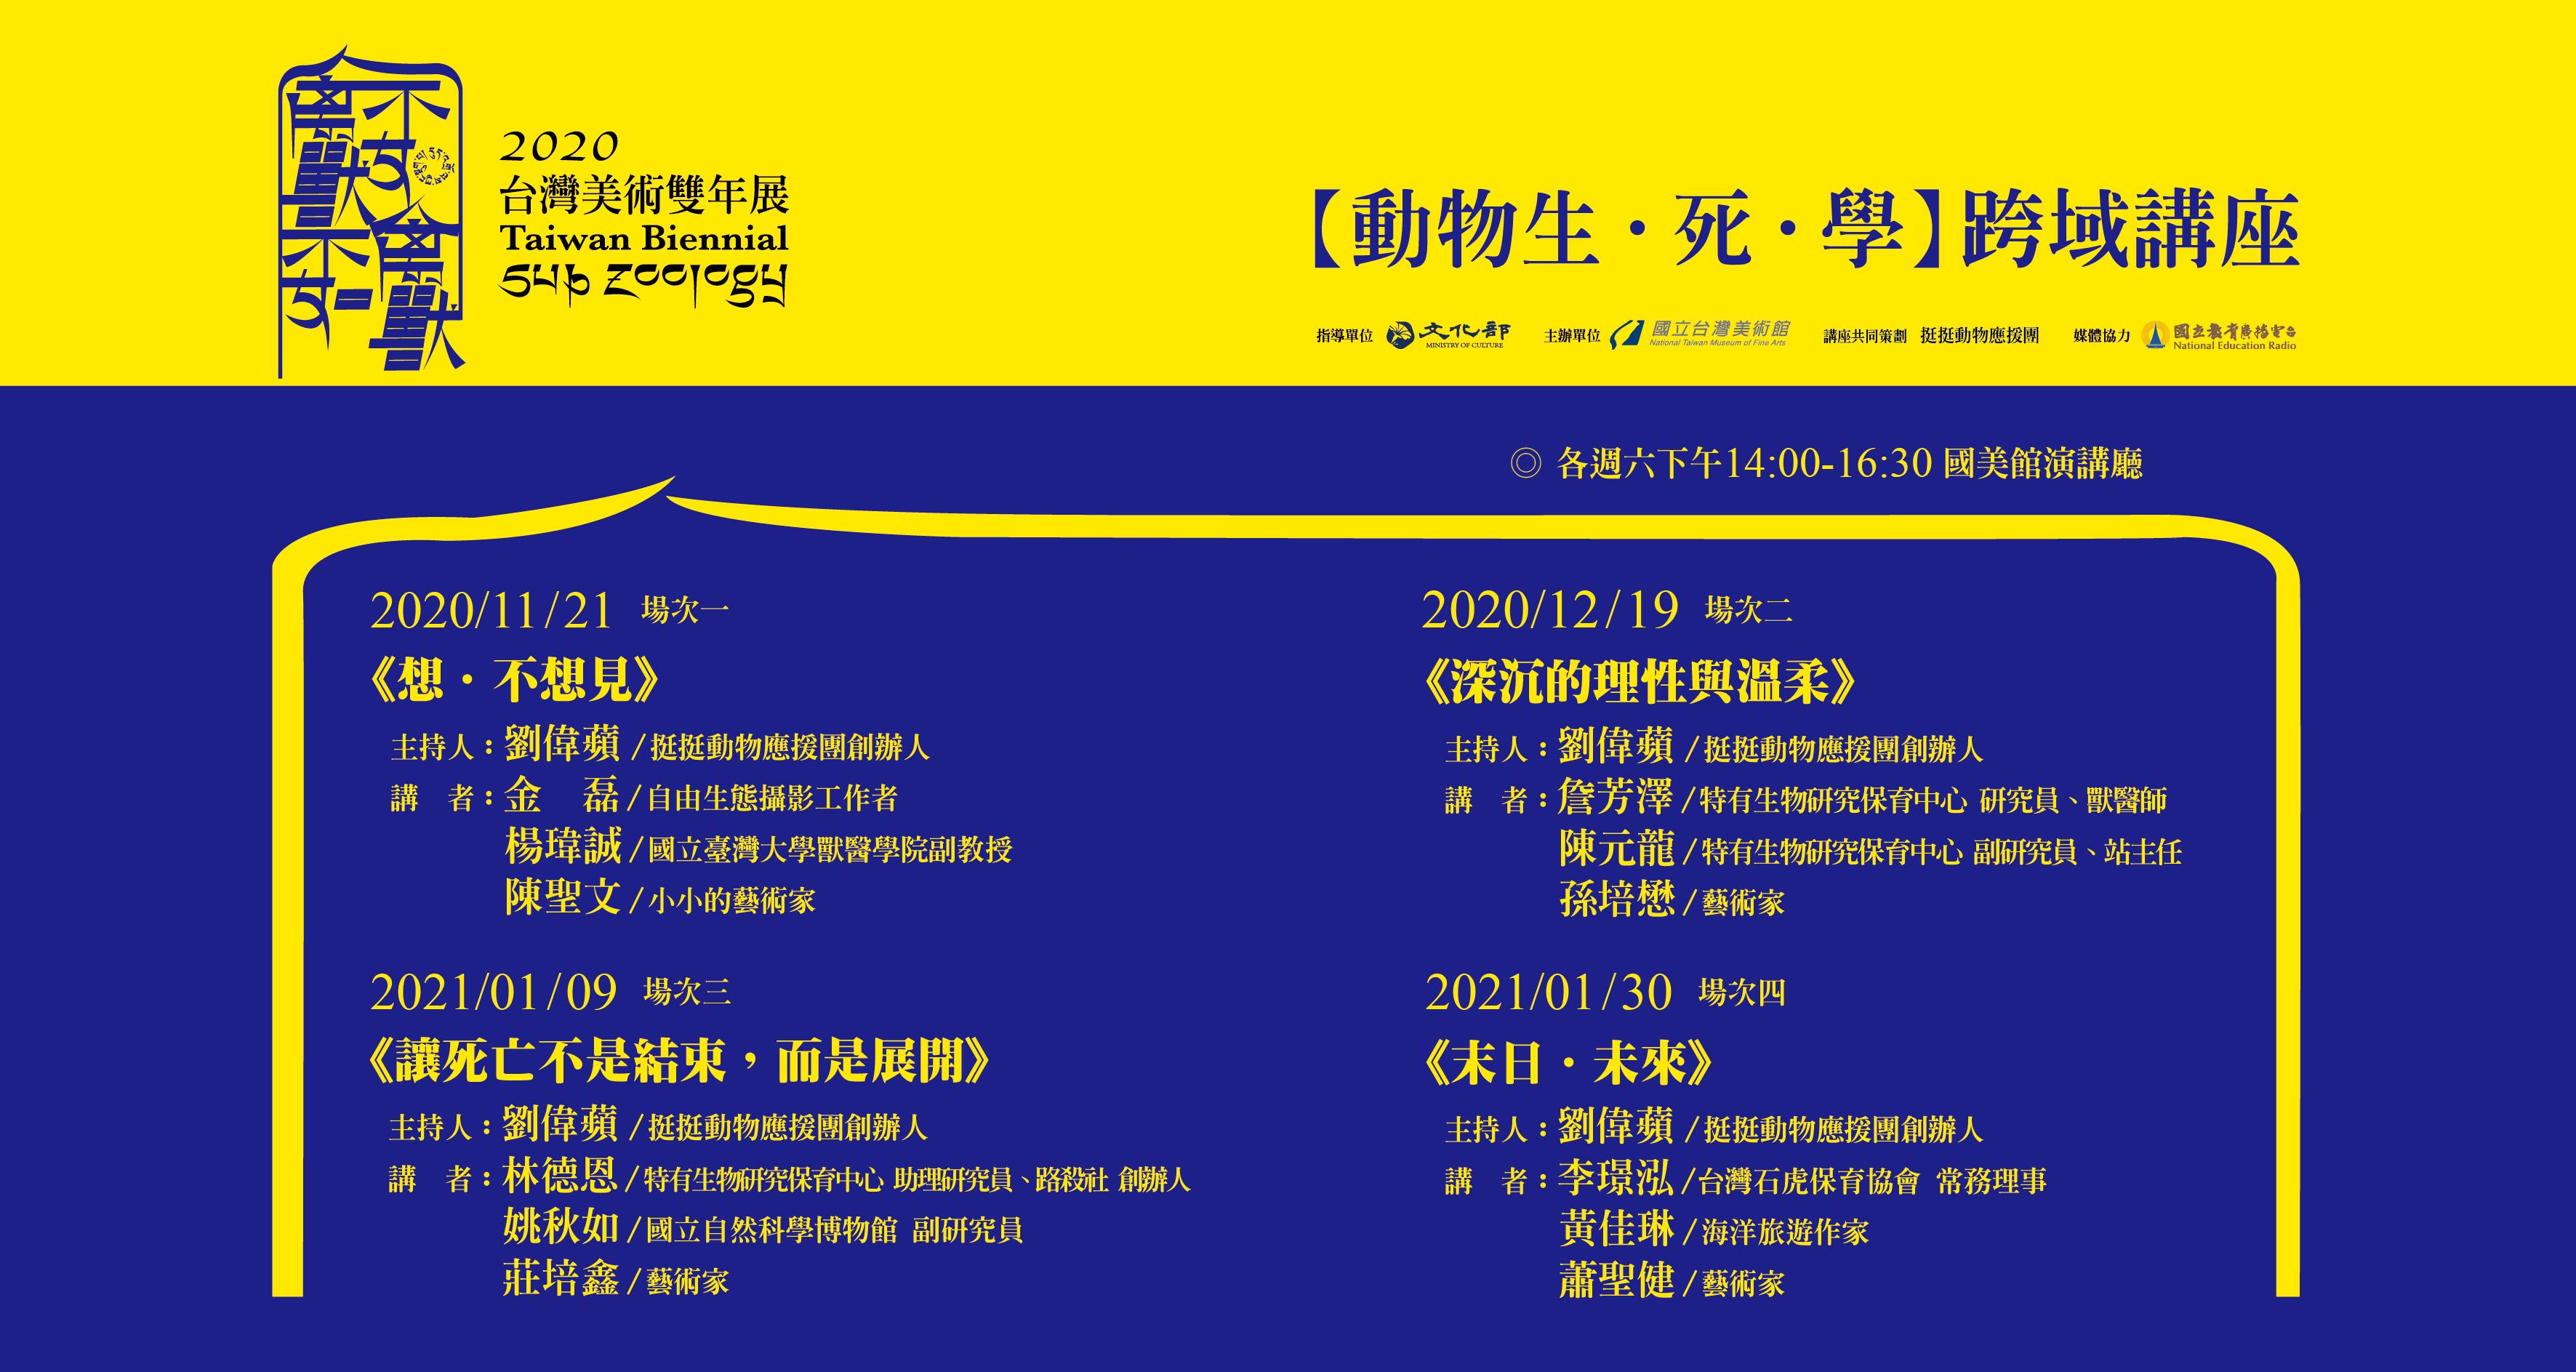 2020台灣美術雙年展【動物生.死.學】跨域講座「另開新視窗」